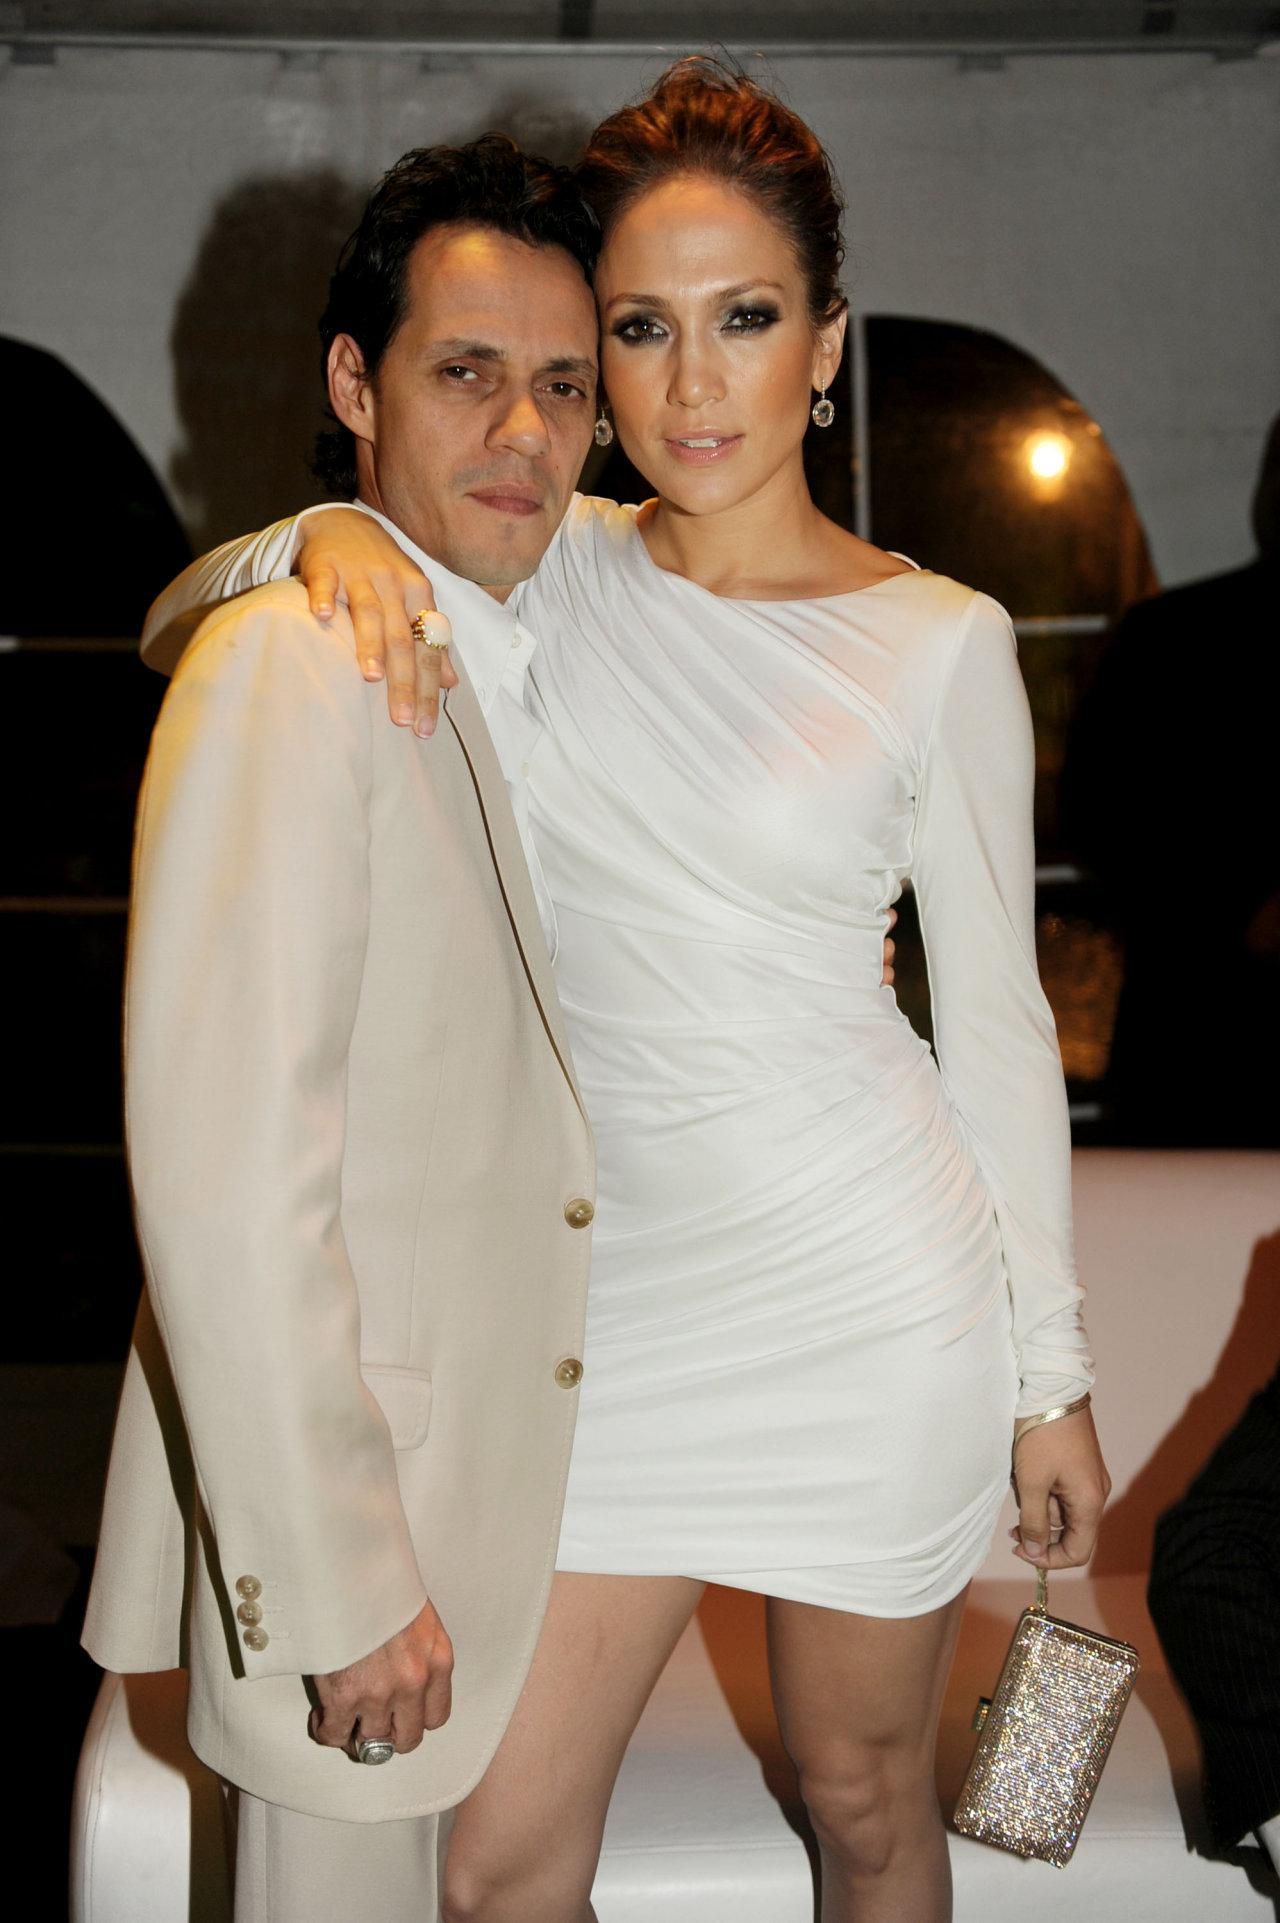 Дженнифер лопес и ее муж дети фото